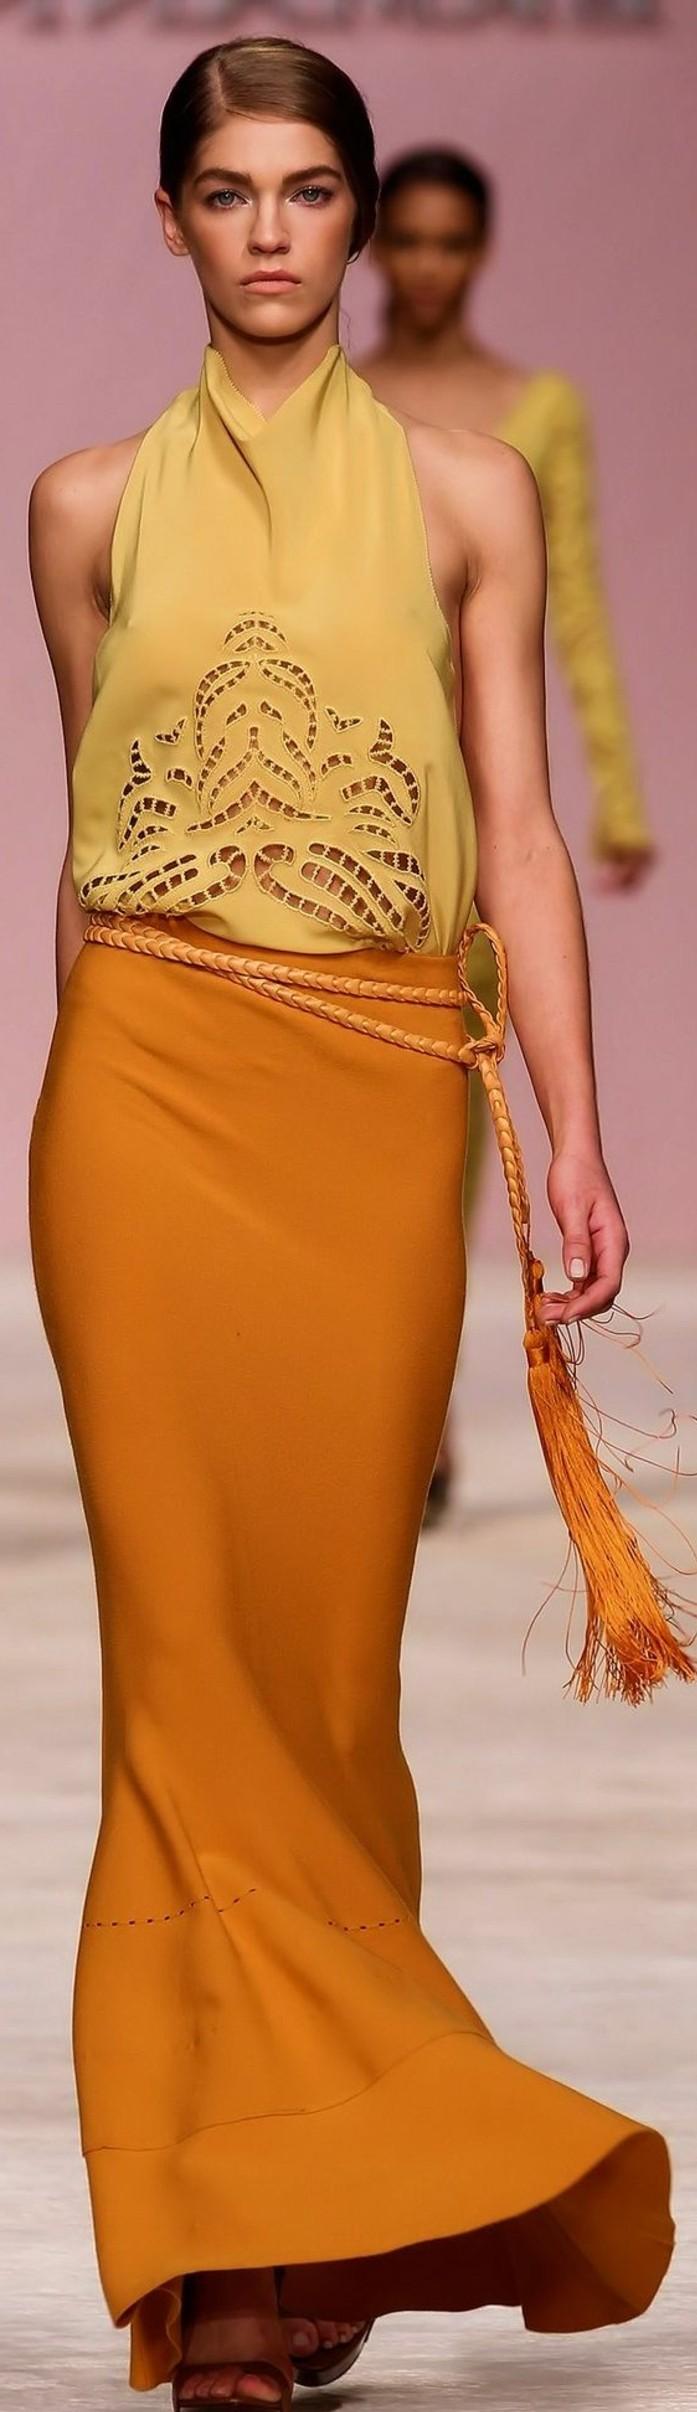 quelle-couleur-associer-au-jaune-longue-jupe-élégante-et-top-ocre